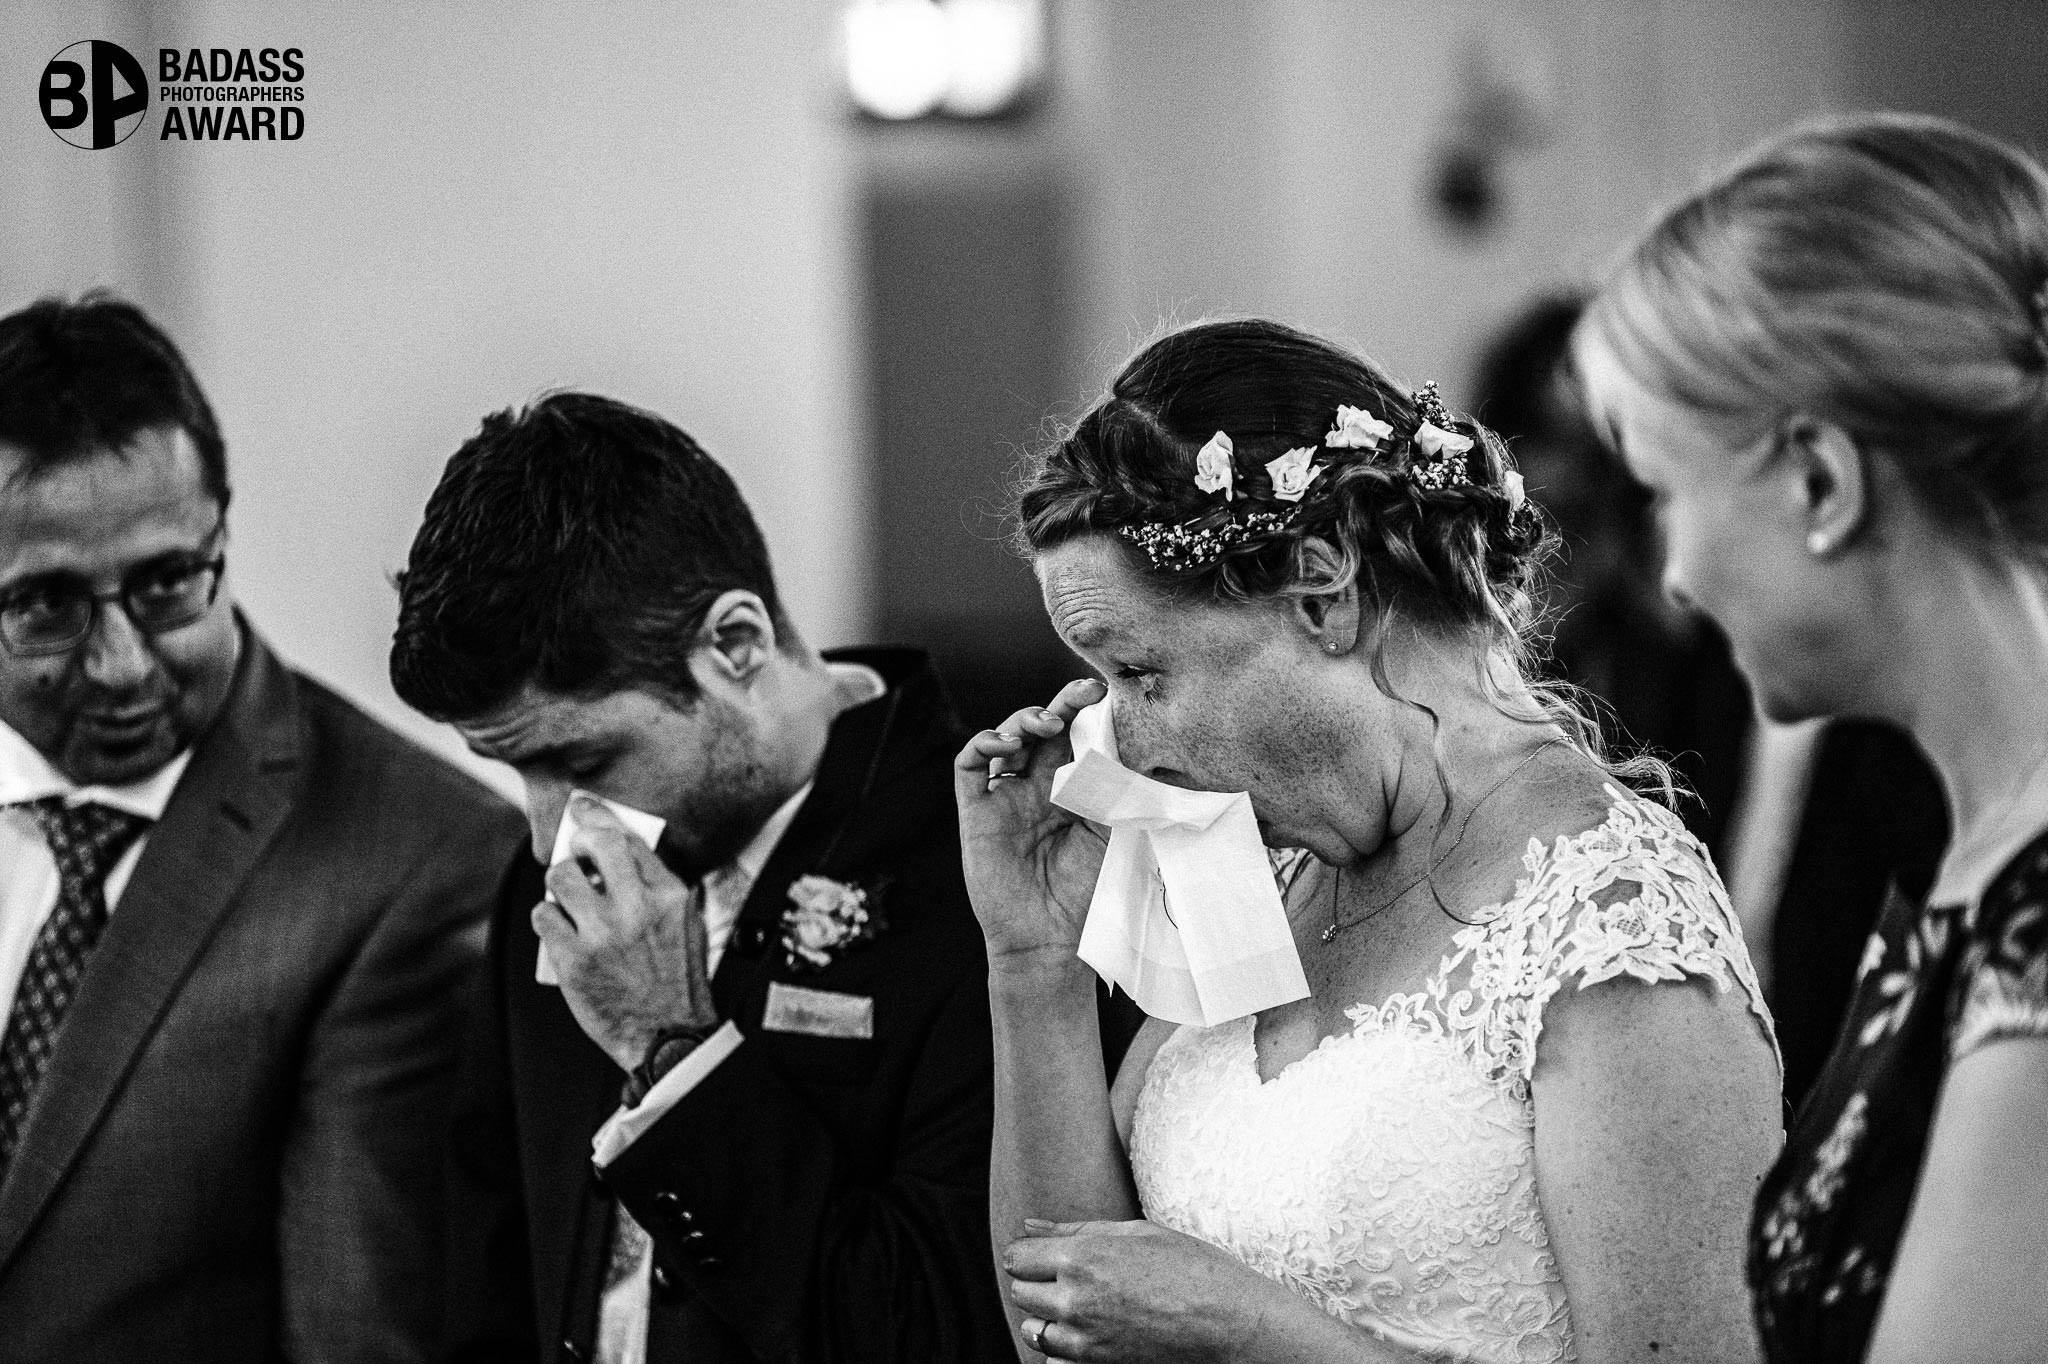 Brautpaar in Tränen vorm Altar. Gewinnerbild Badass Award.